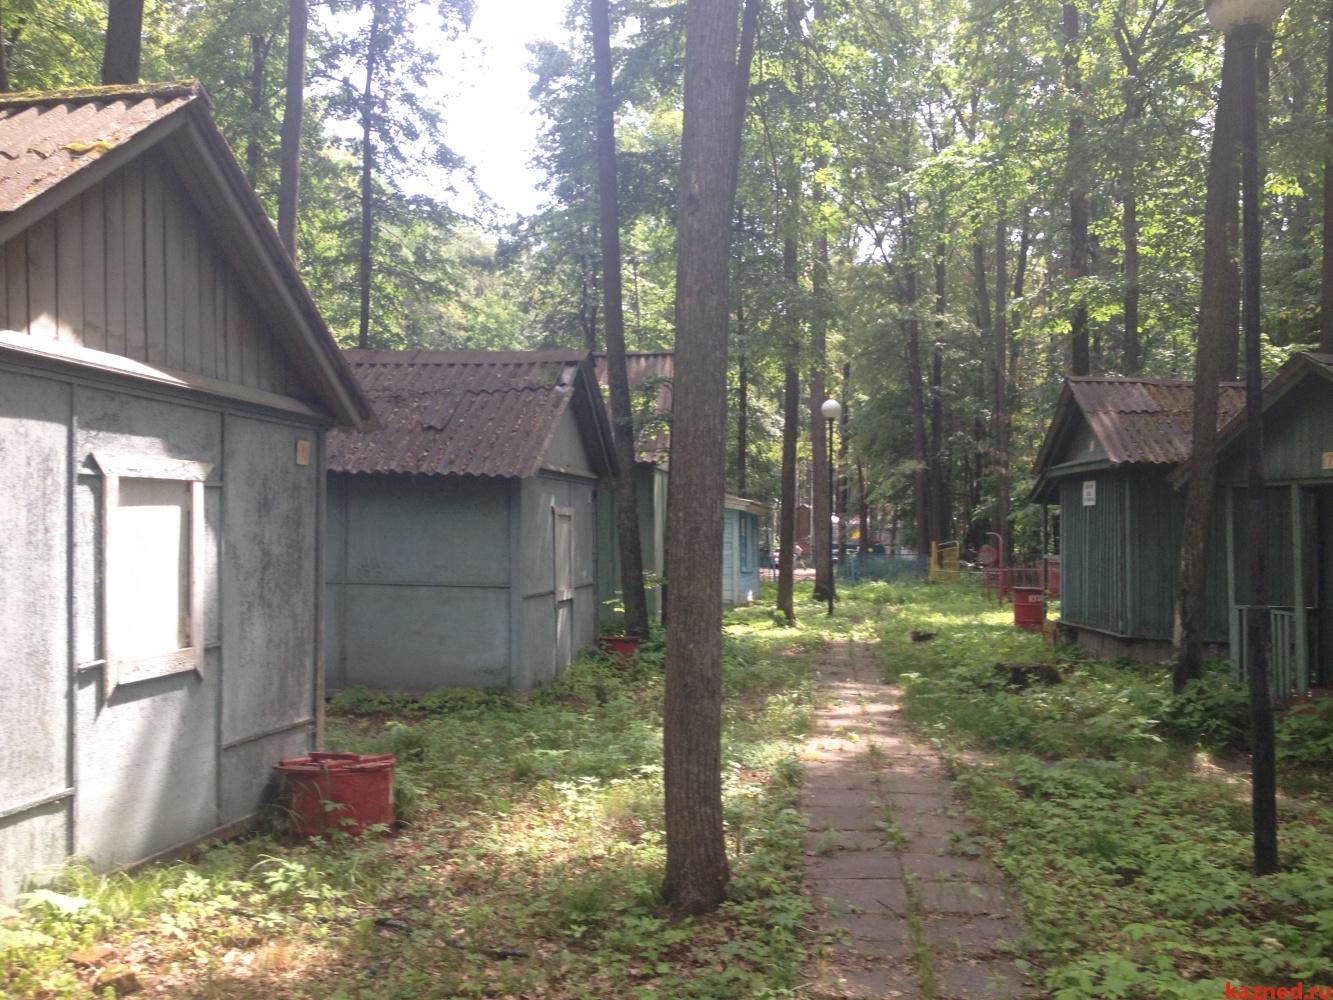 Продажа  дома  Матюшинское участковое лестничество, квартал №70, выдел 17, 0 м² (миниатюра №5)